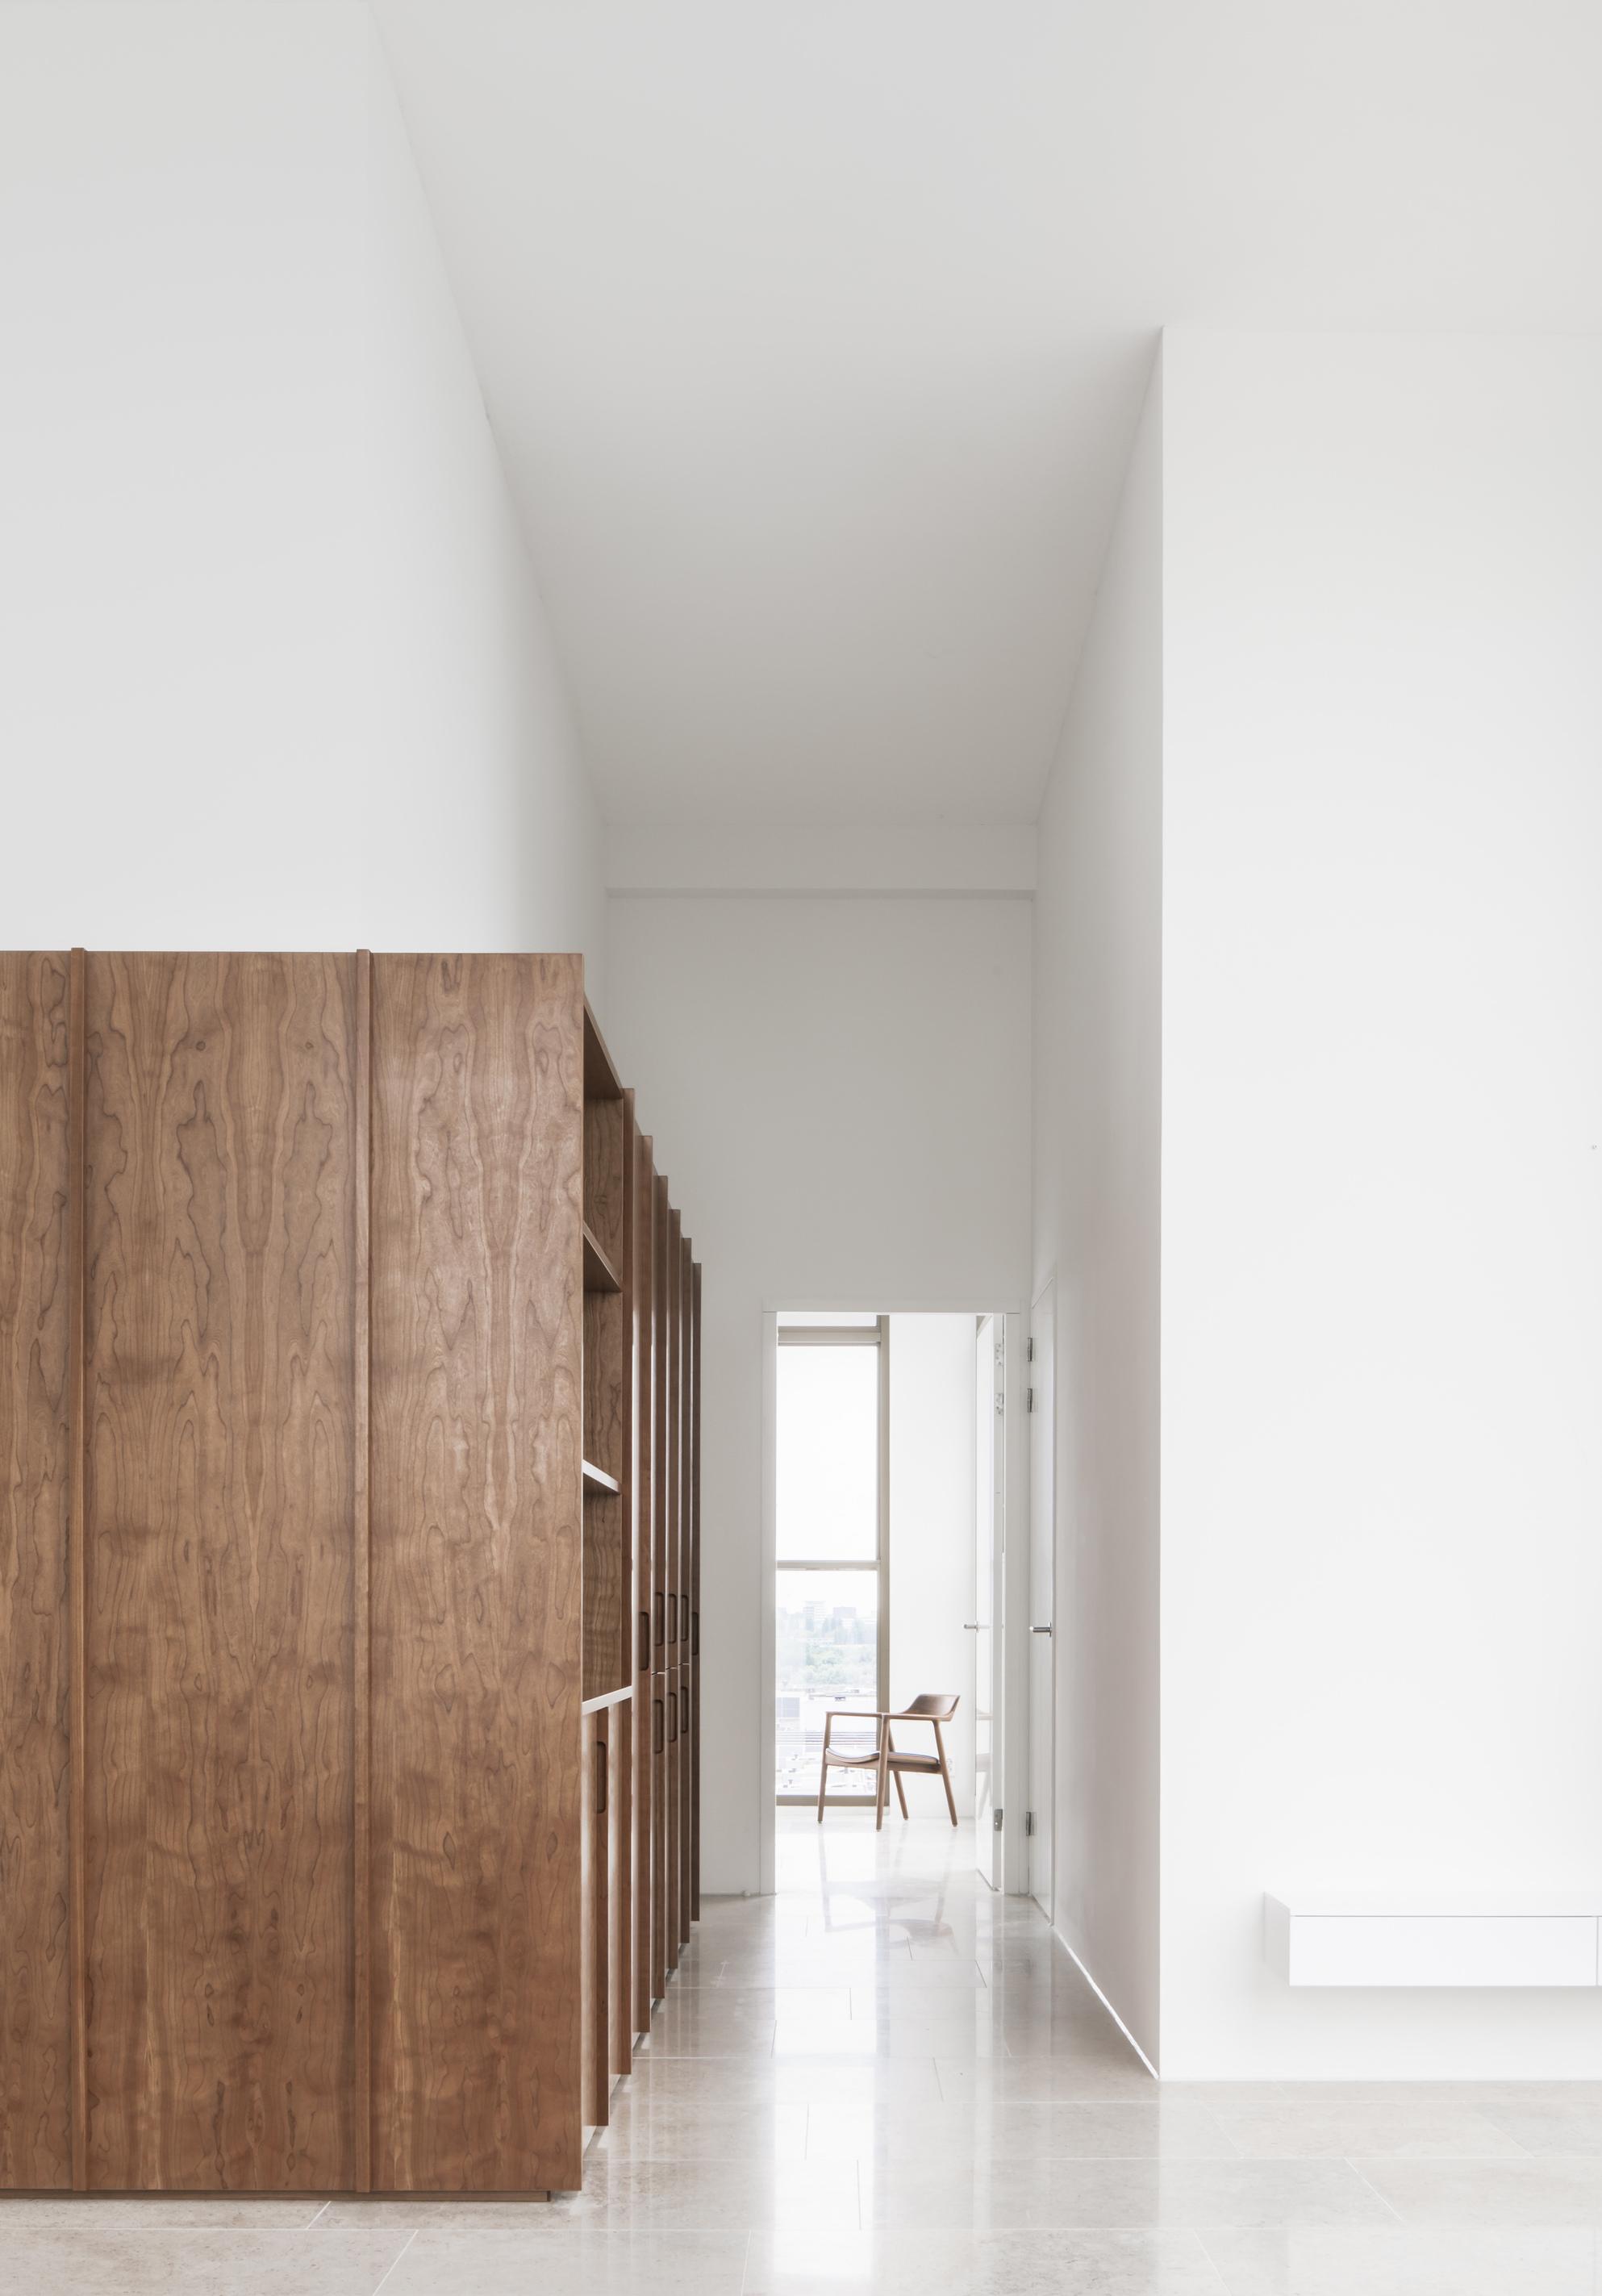 <p>Zicht vanuit de zithoek richting de slaapkamerDetailfoto, foto: Jeroen Verrecht</p>